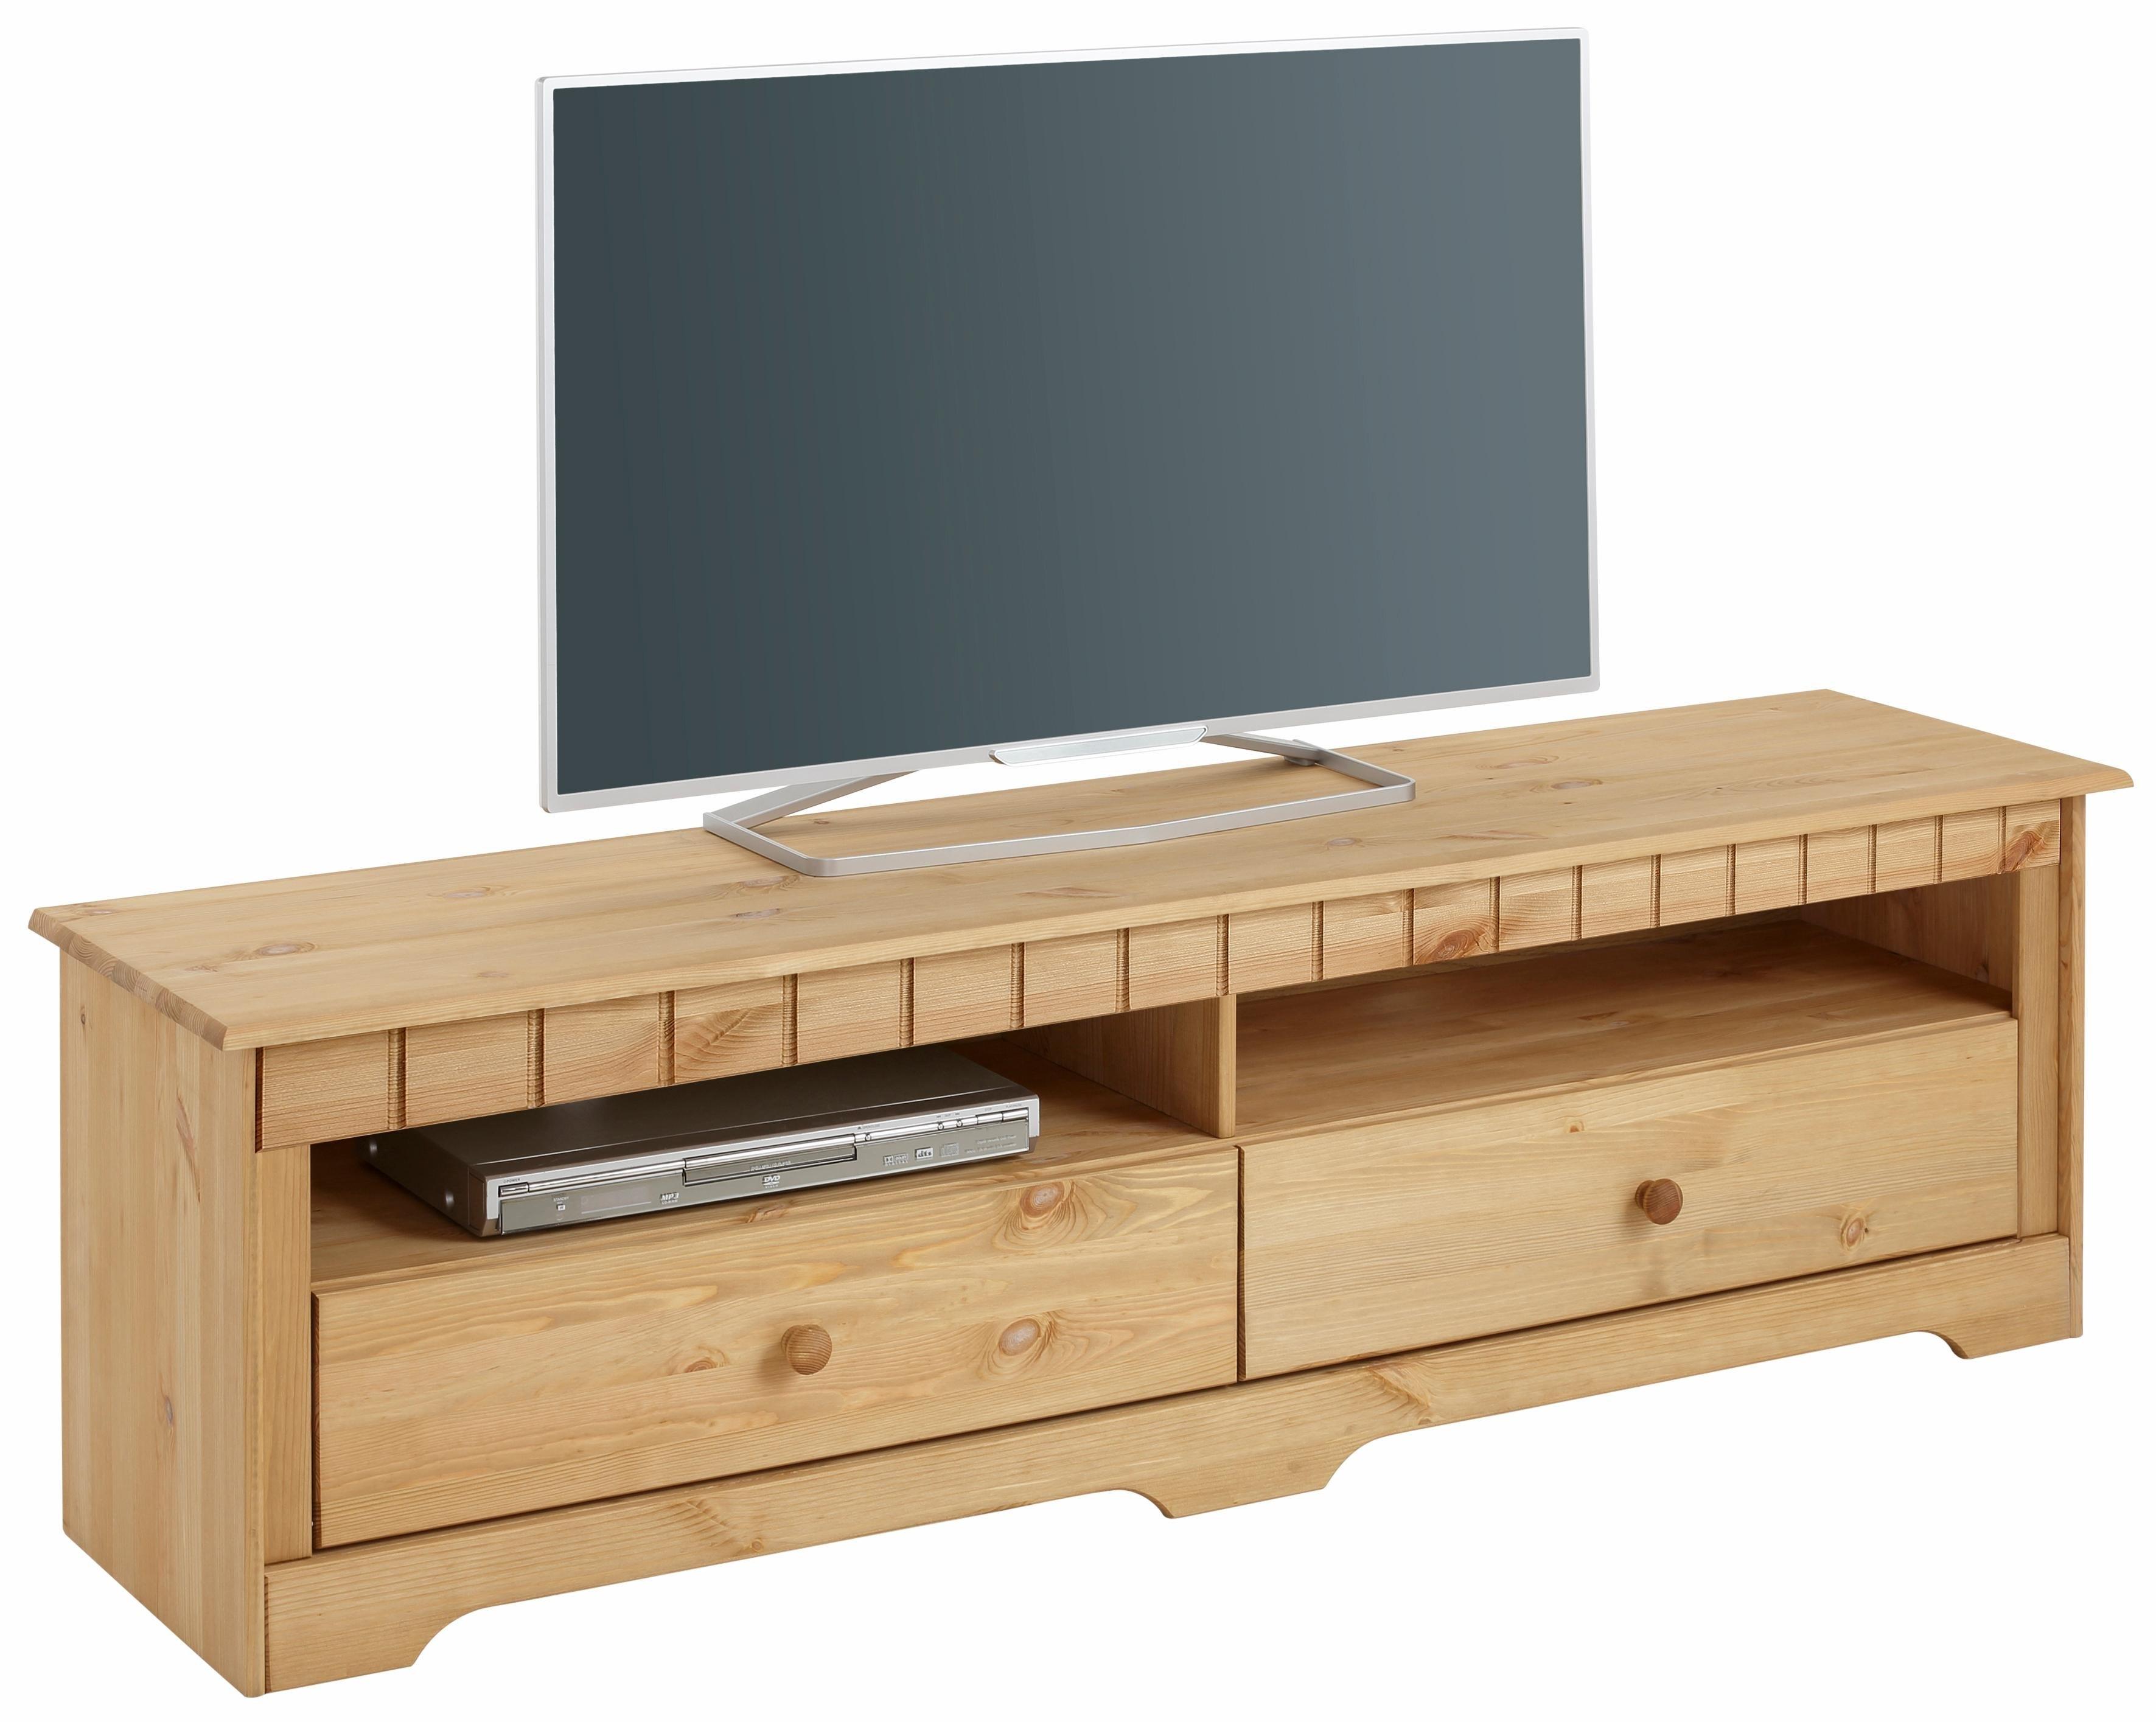 Home affaire tv-meubel »Poehl« bij OTTO online kopen